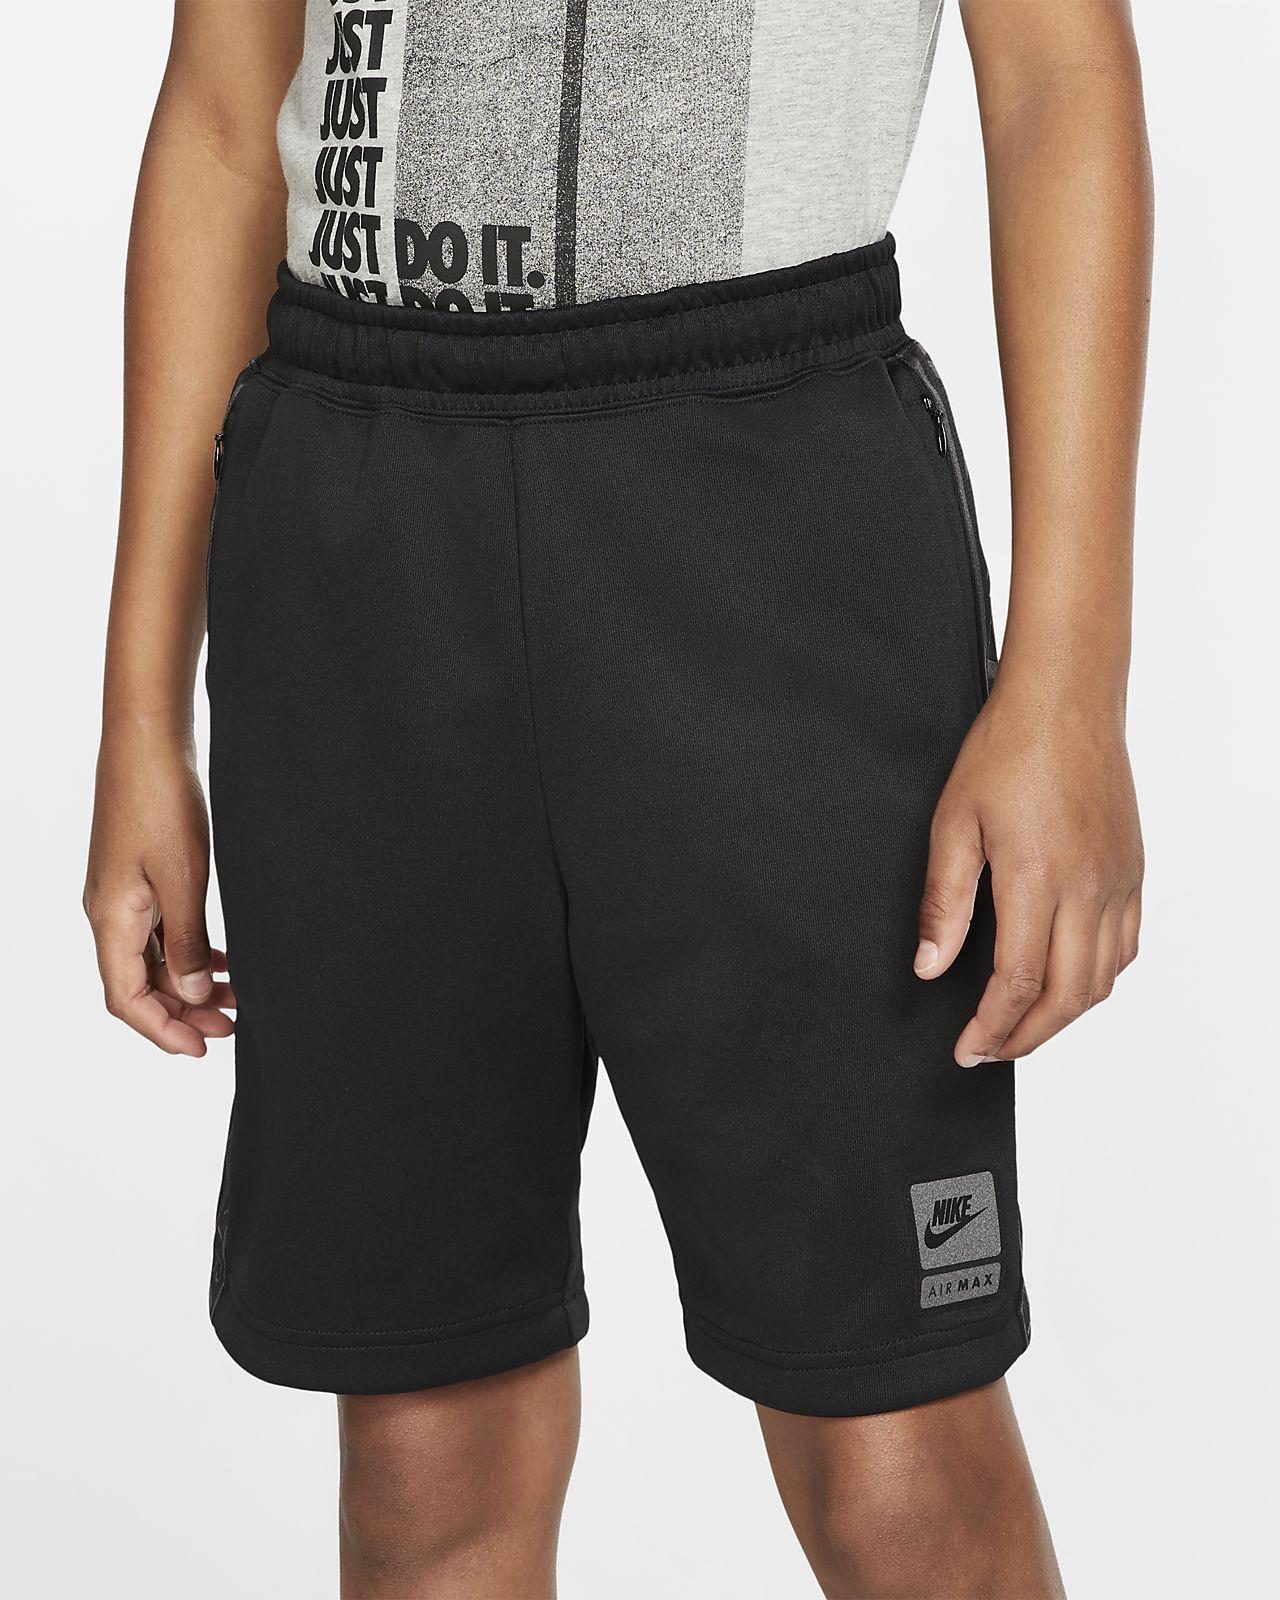 Σορτς Nike Sportswear Air Max για μεγάλα αγόρια